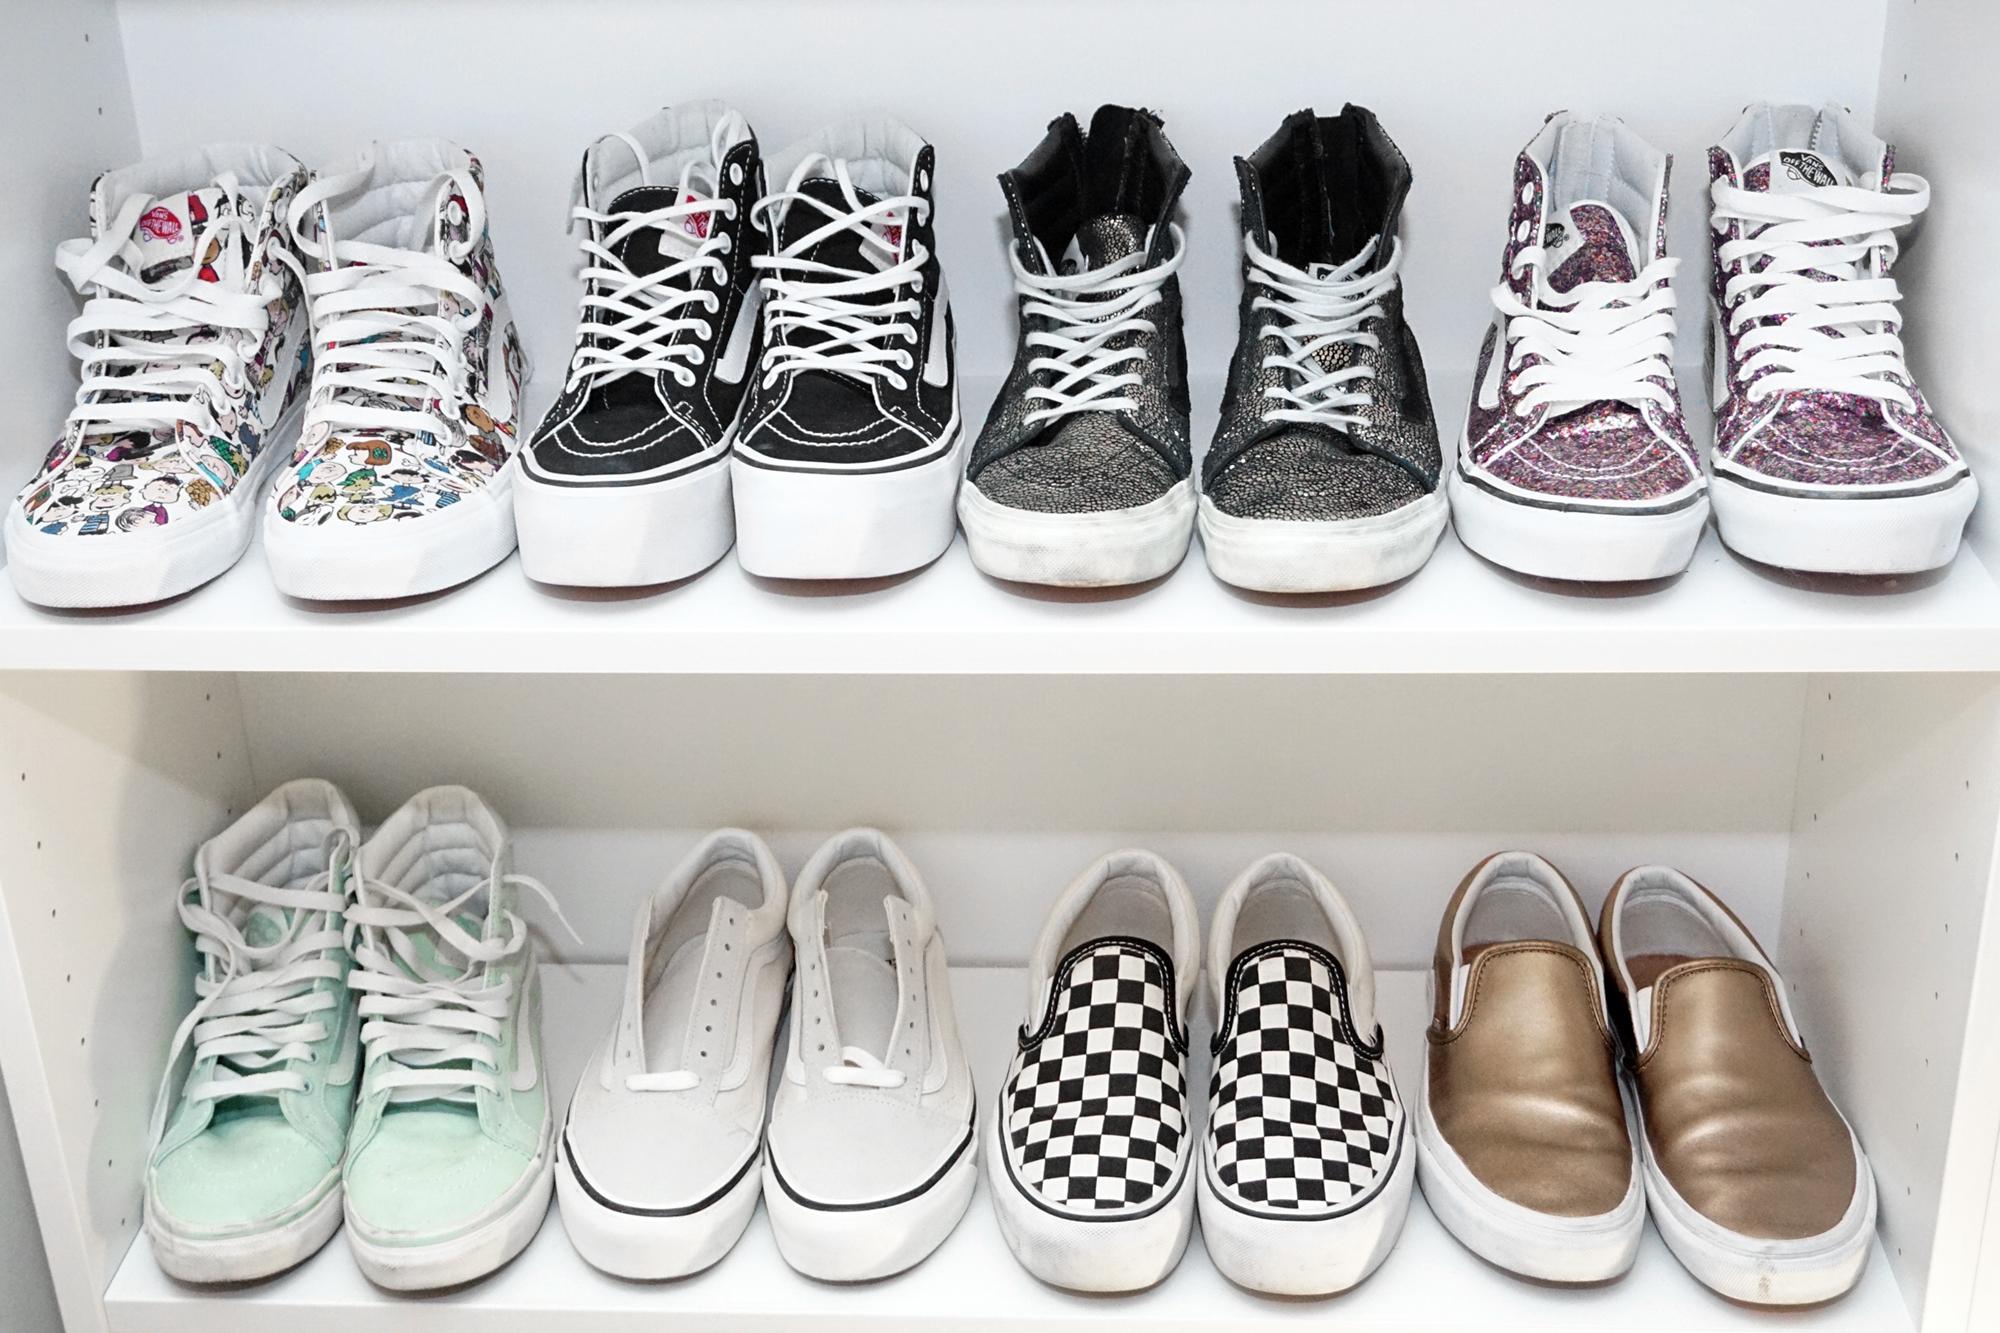 my vans sneaker collection - woahstyle.com -07750.jpg